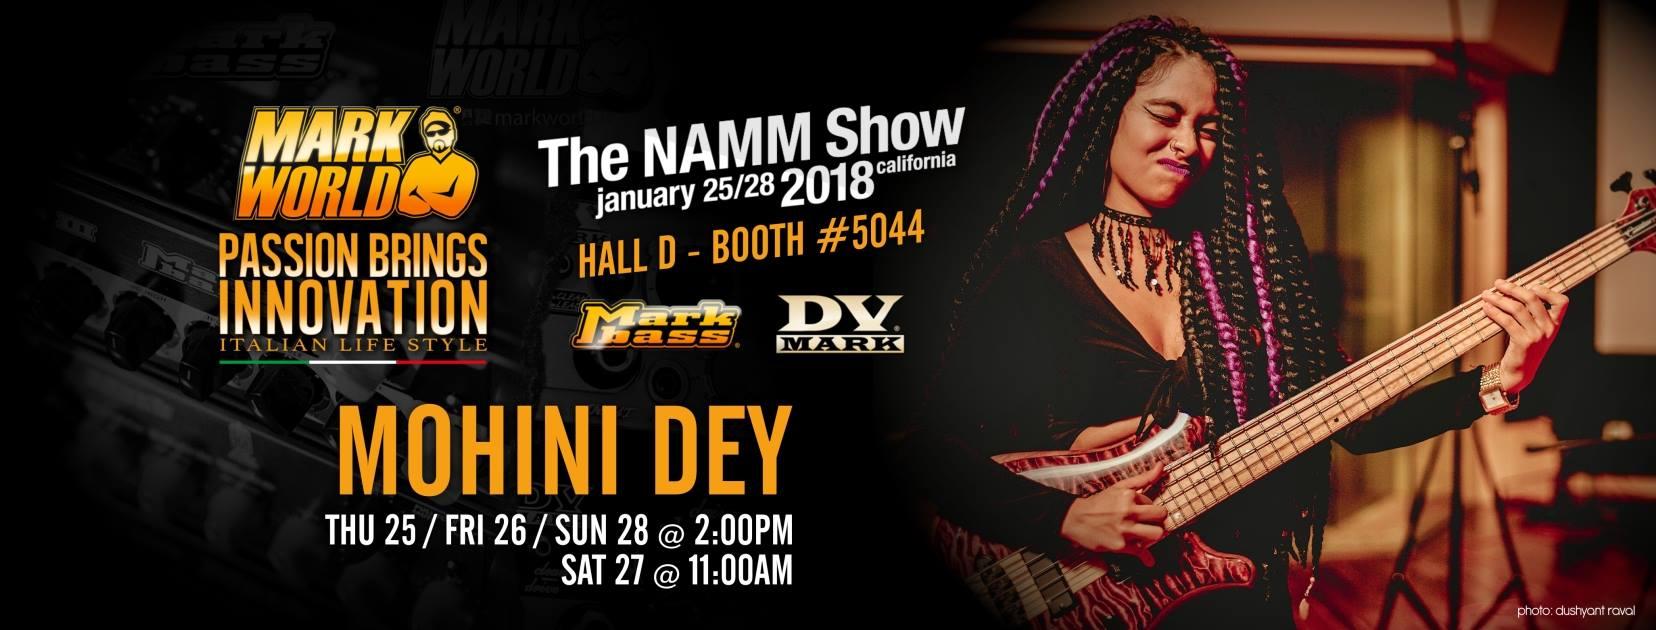 Mohini Dey show Namm 2018